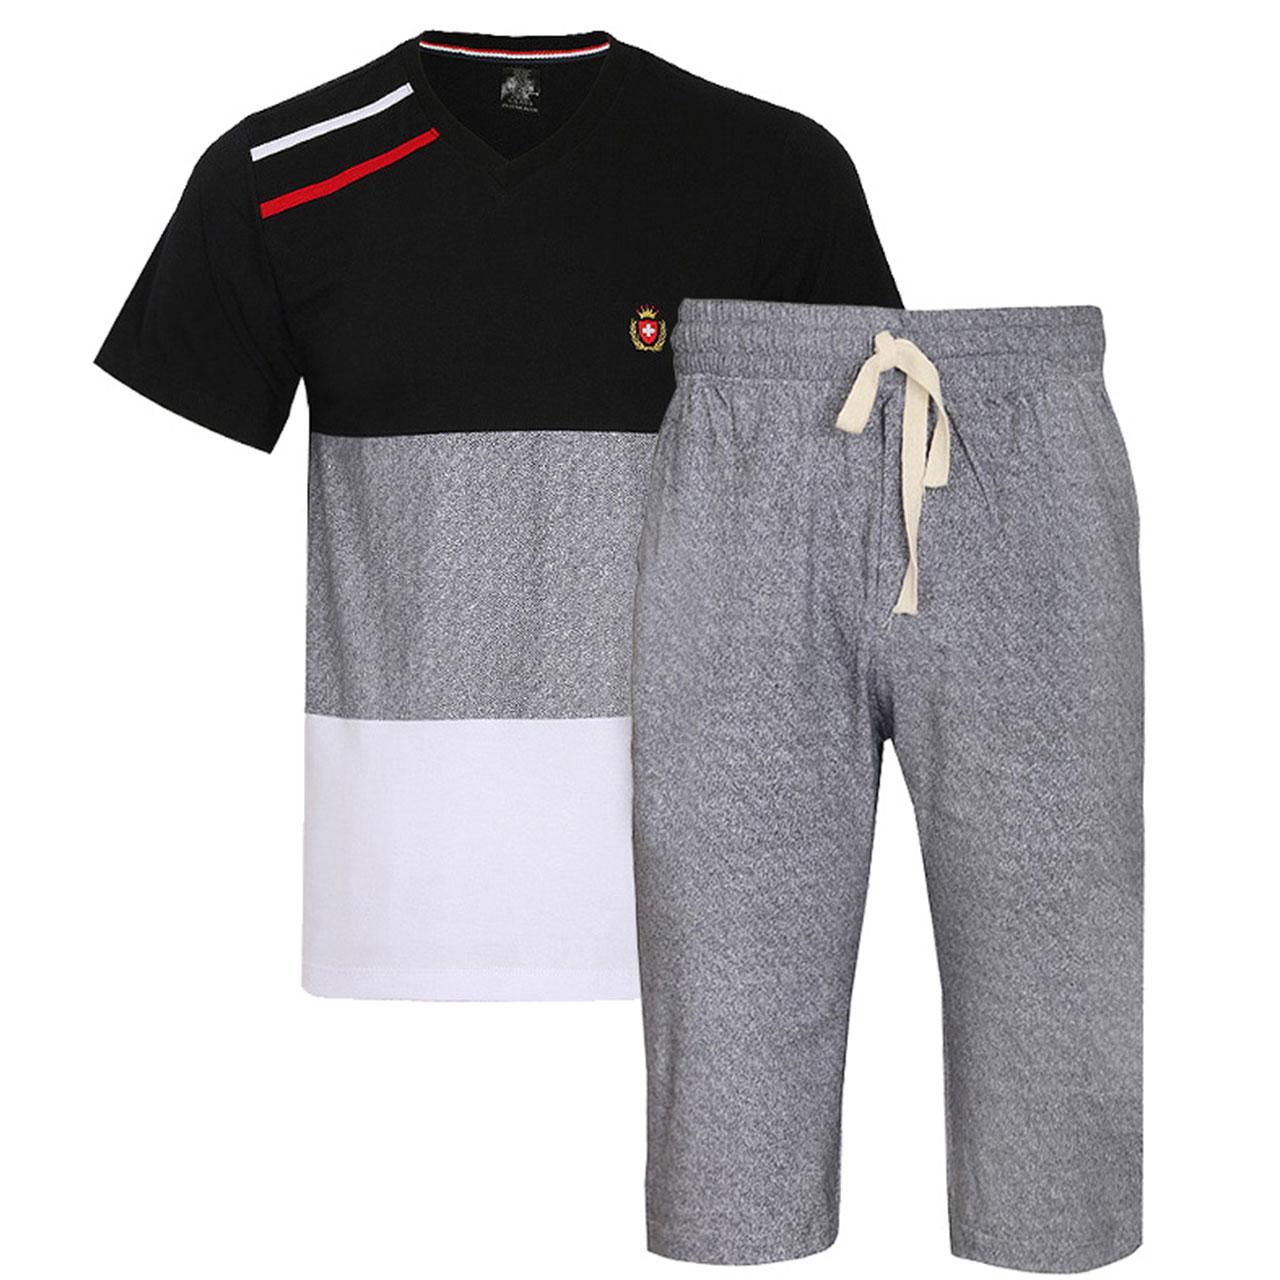 ست تی شرت و شلوارک مردانه دل مد گروپ کد 249121702